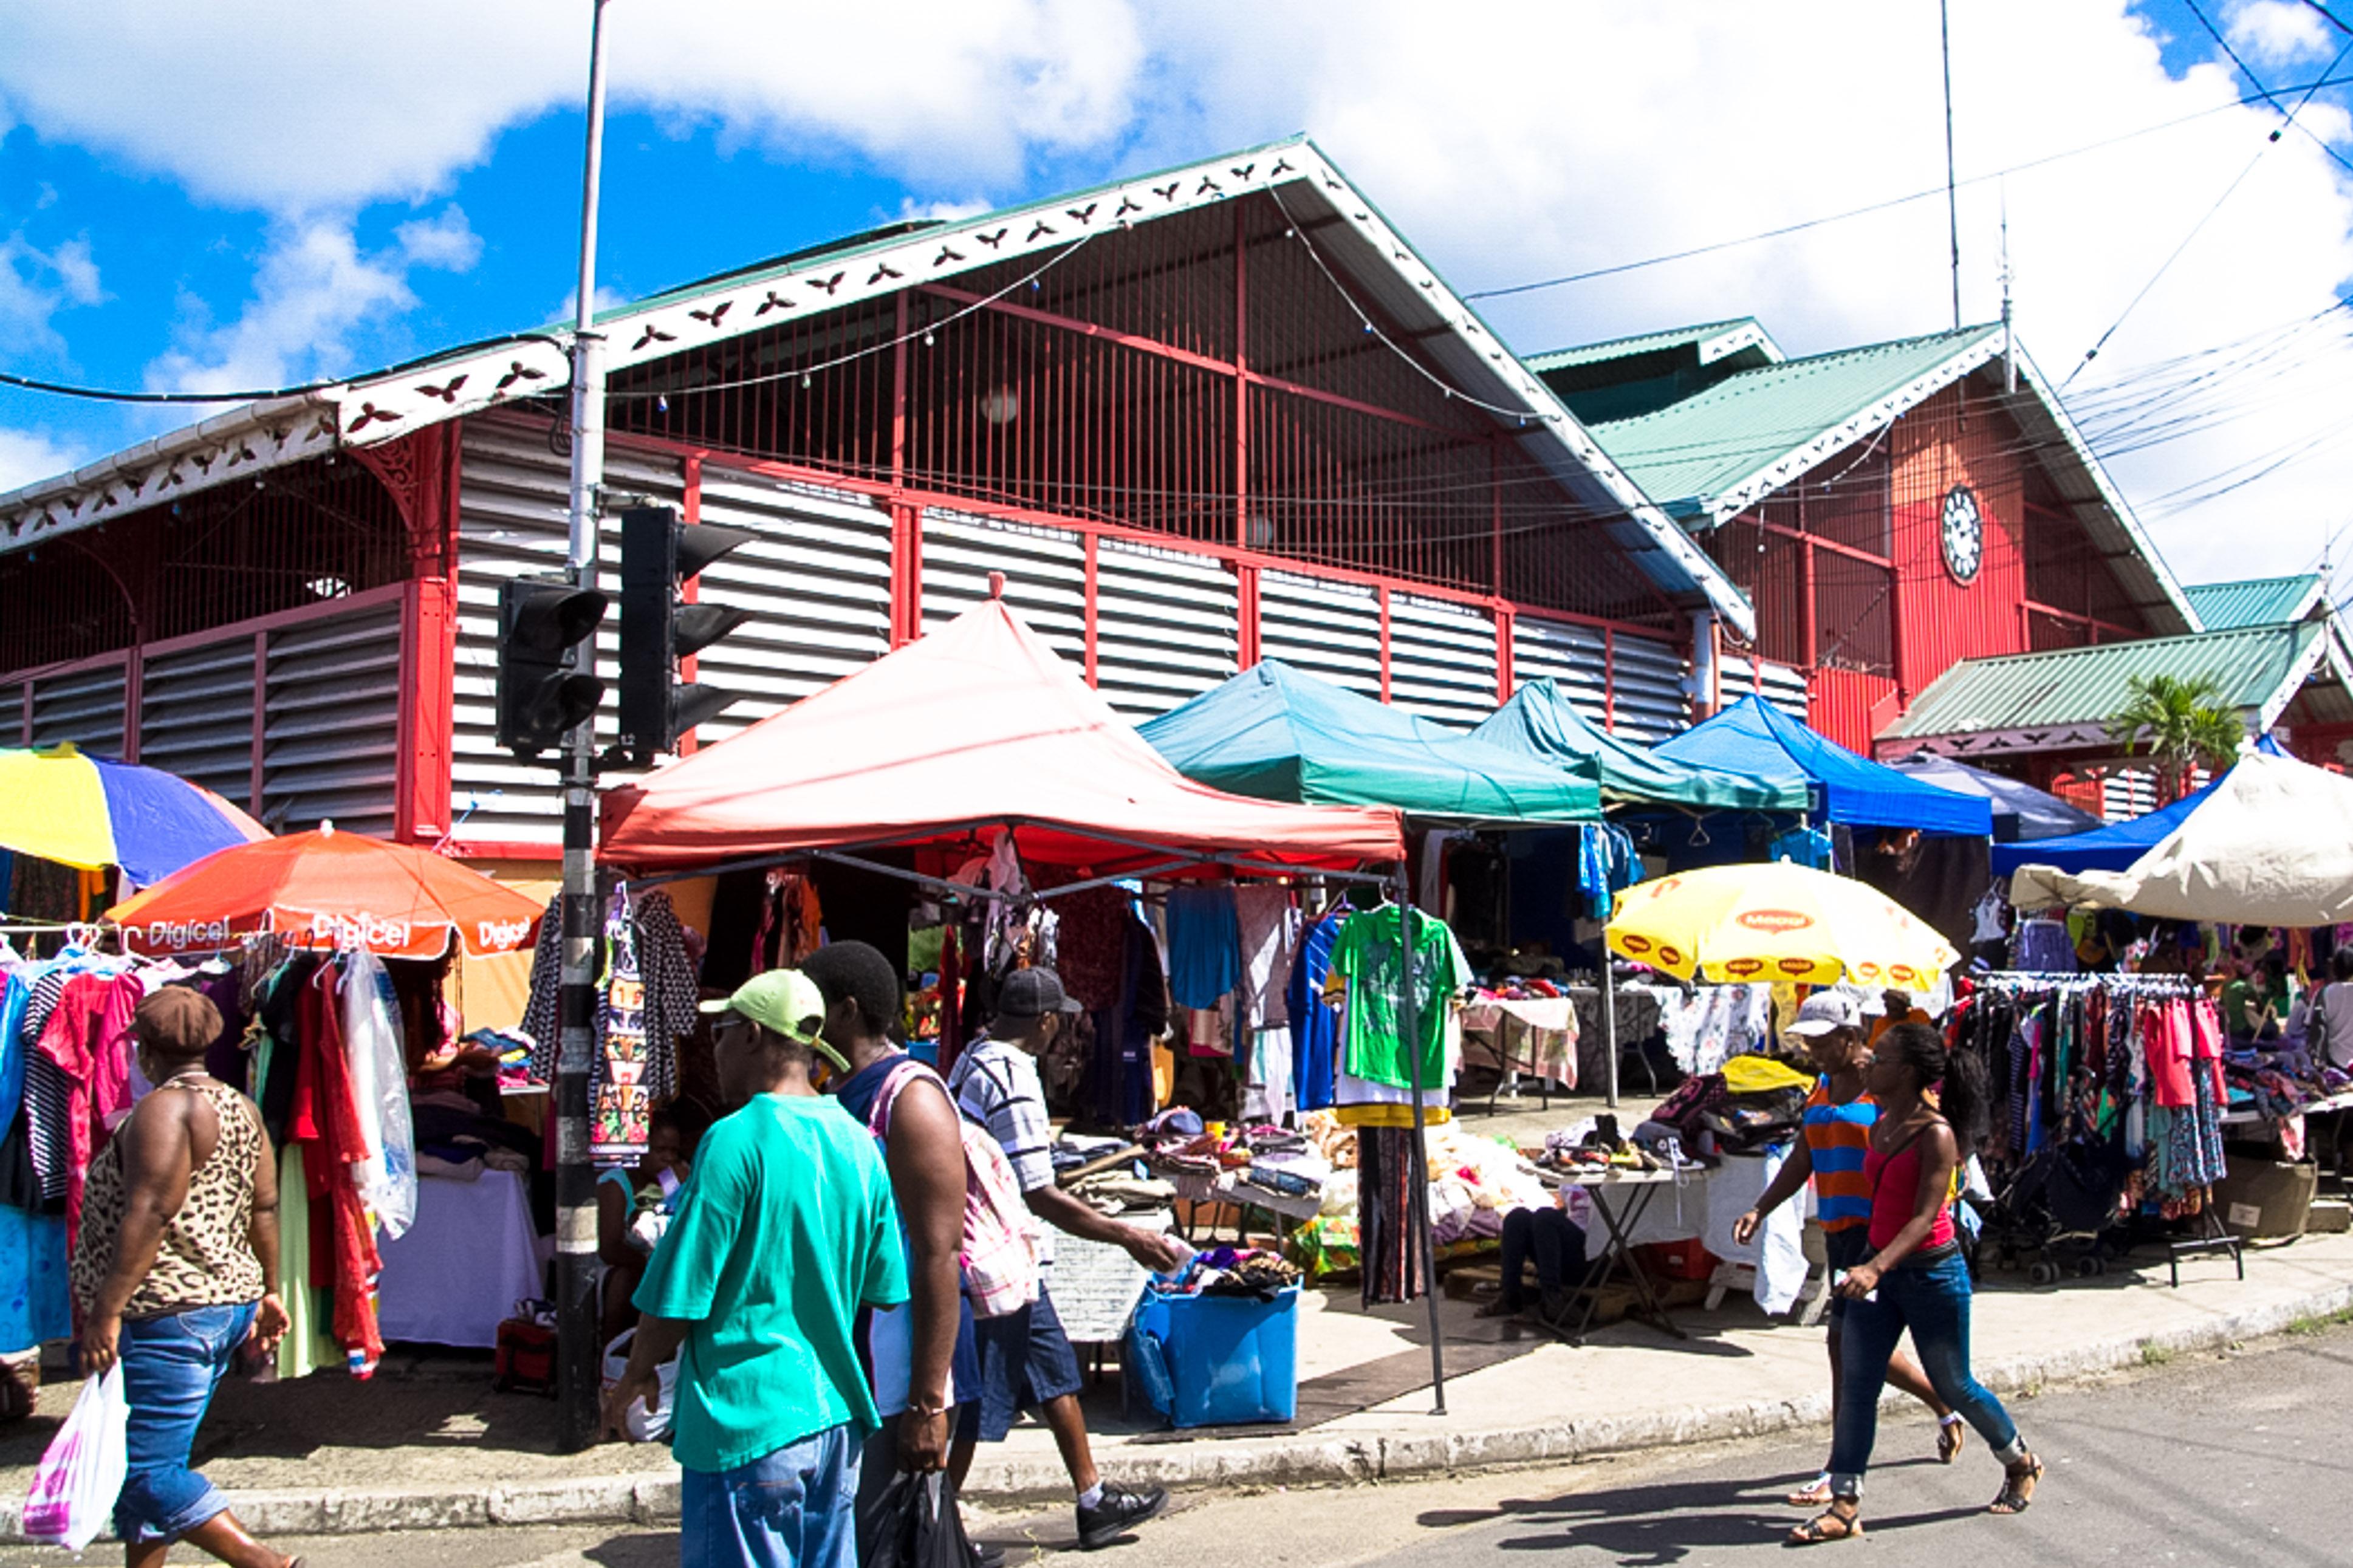 Markt von Castries, St. Lucia, Anreise nach St. Lucia